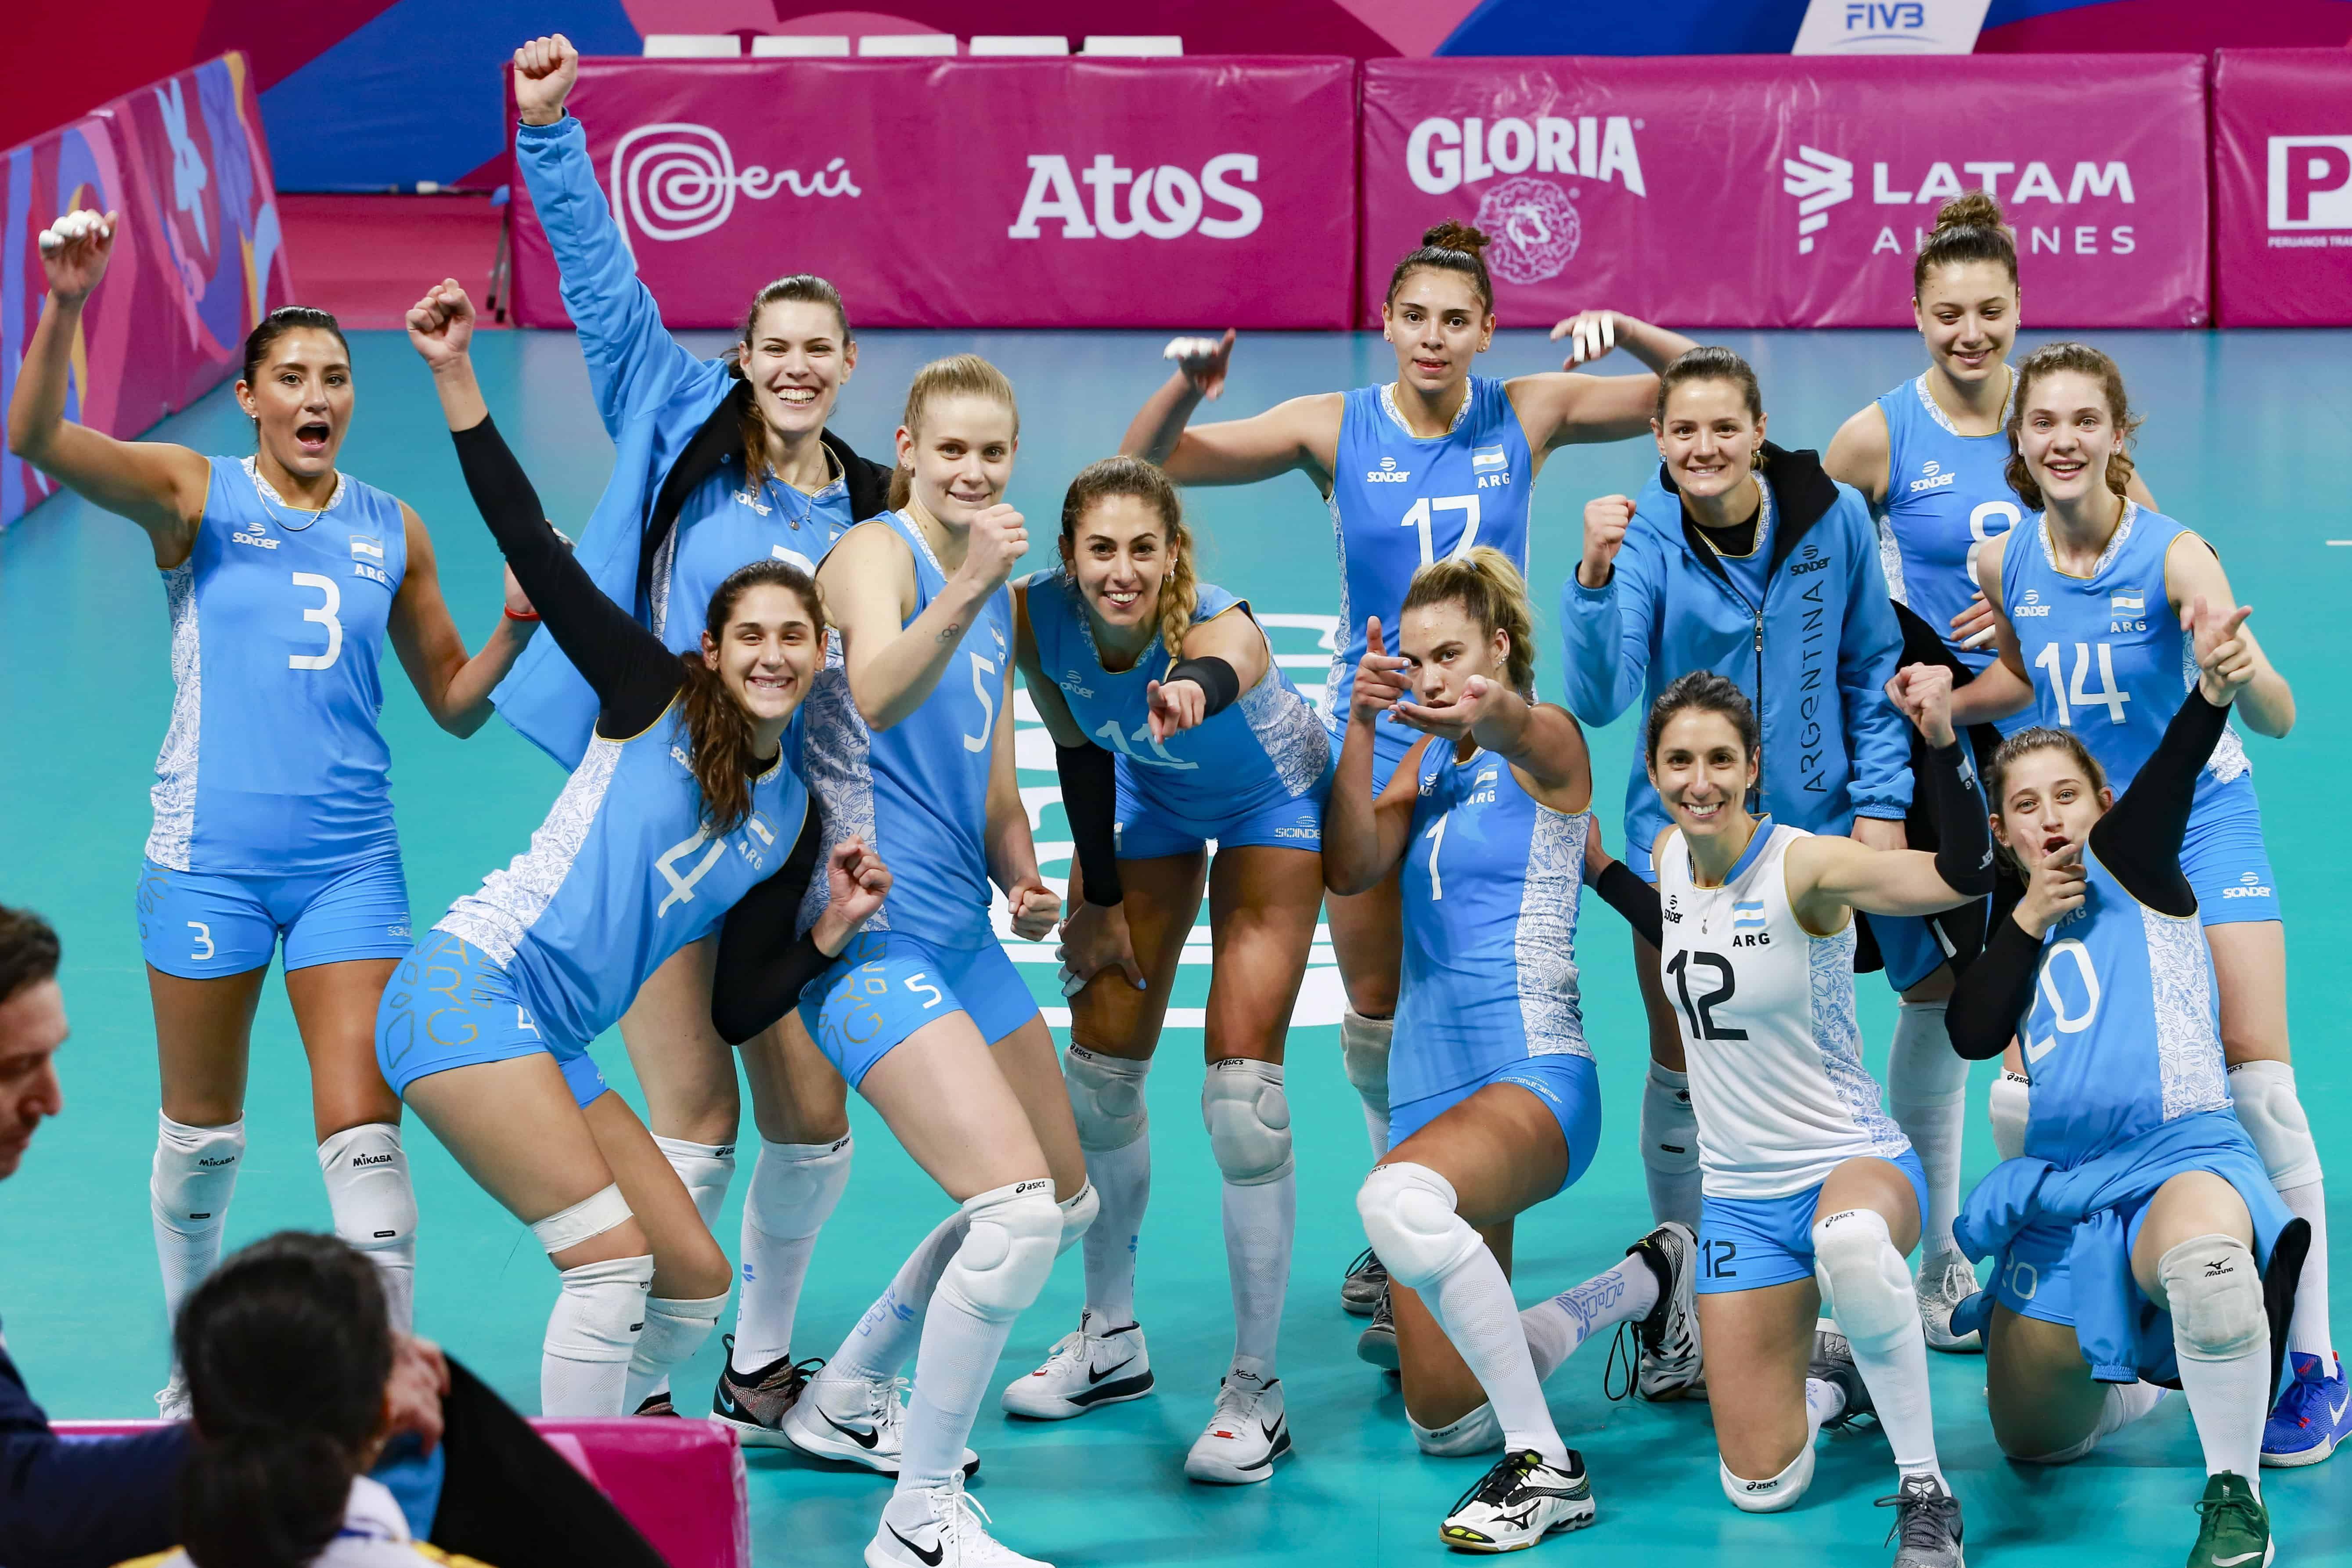 Juegos Panamericanos La Agenda Y Los Resultados De Los Argentinos Del 11 De Agosto Tyc Sports Voley Argentina Voley Argentina